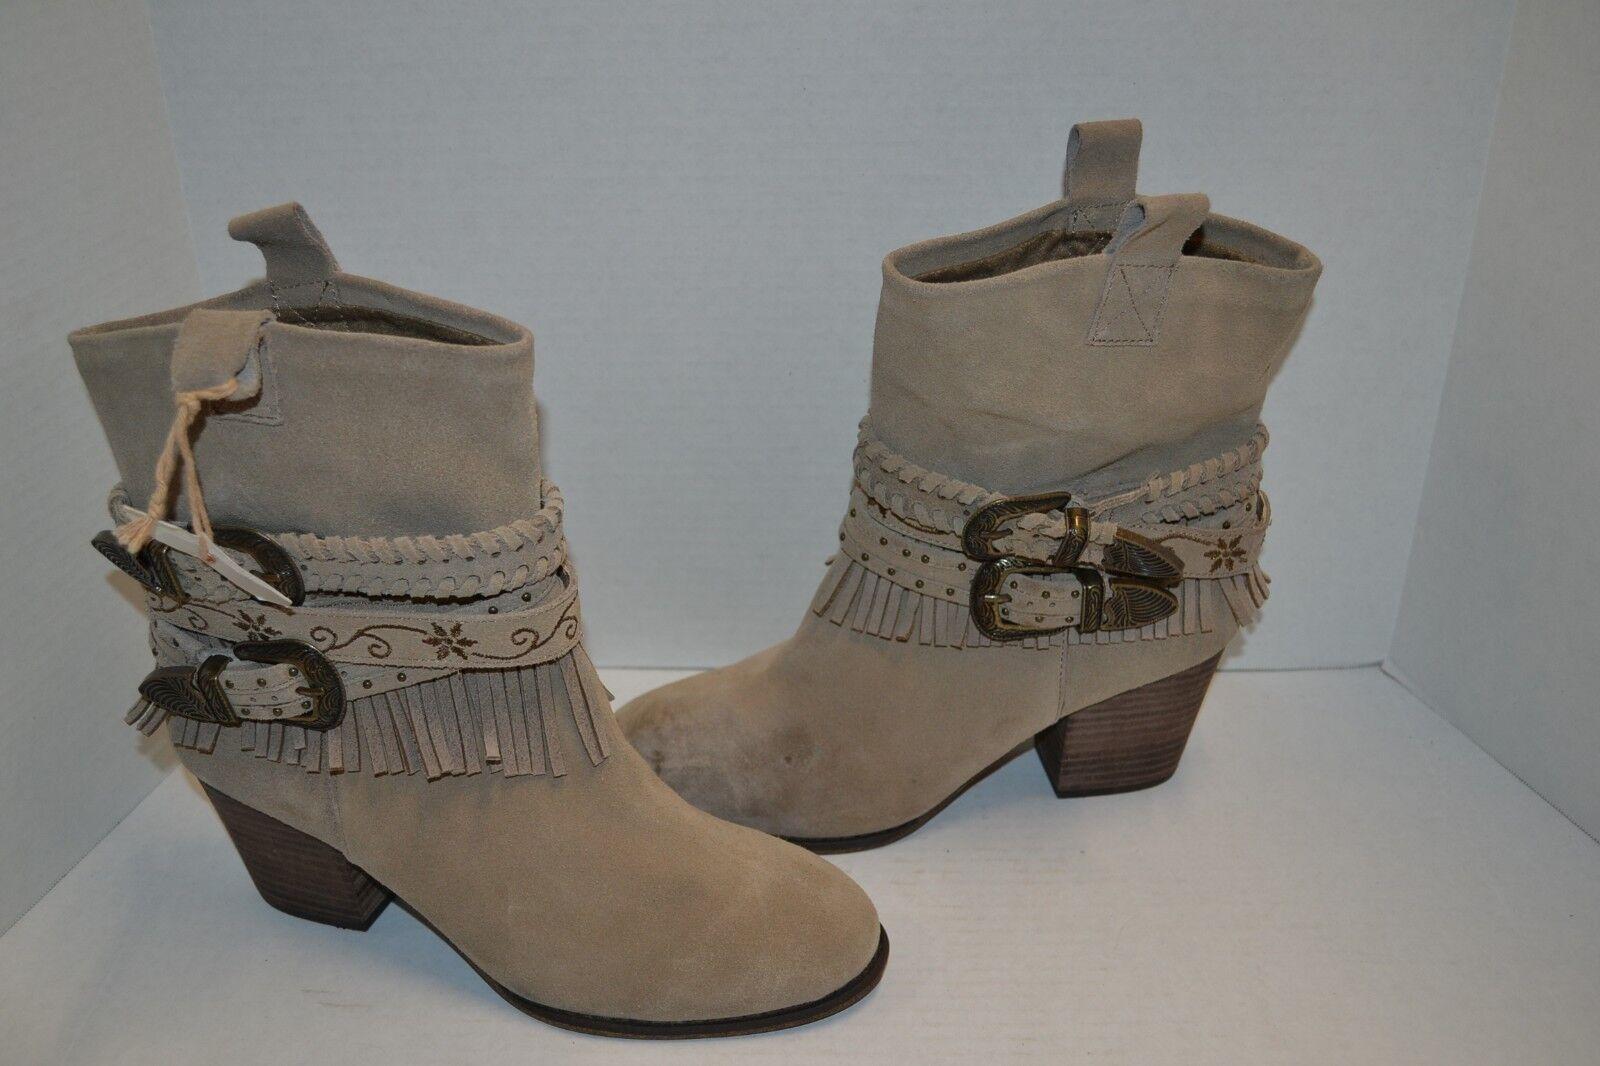 Shyanne bronceado y Correa en el Tobillo de Cuero de Gamuza botas con flecos occidental occidental 9.5 B